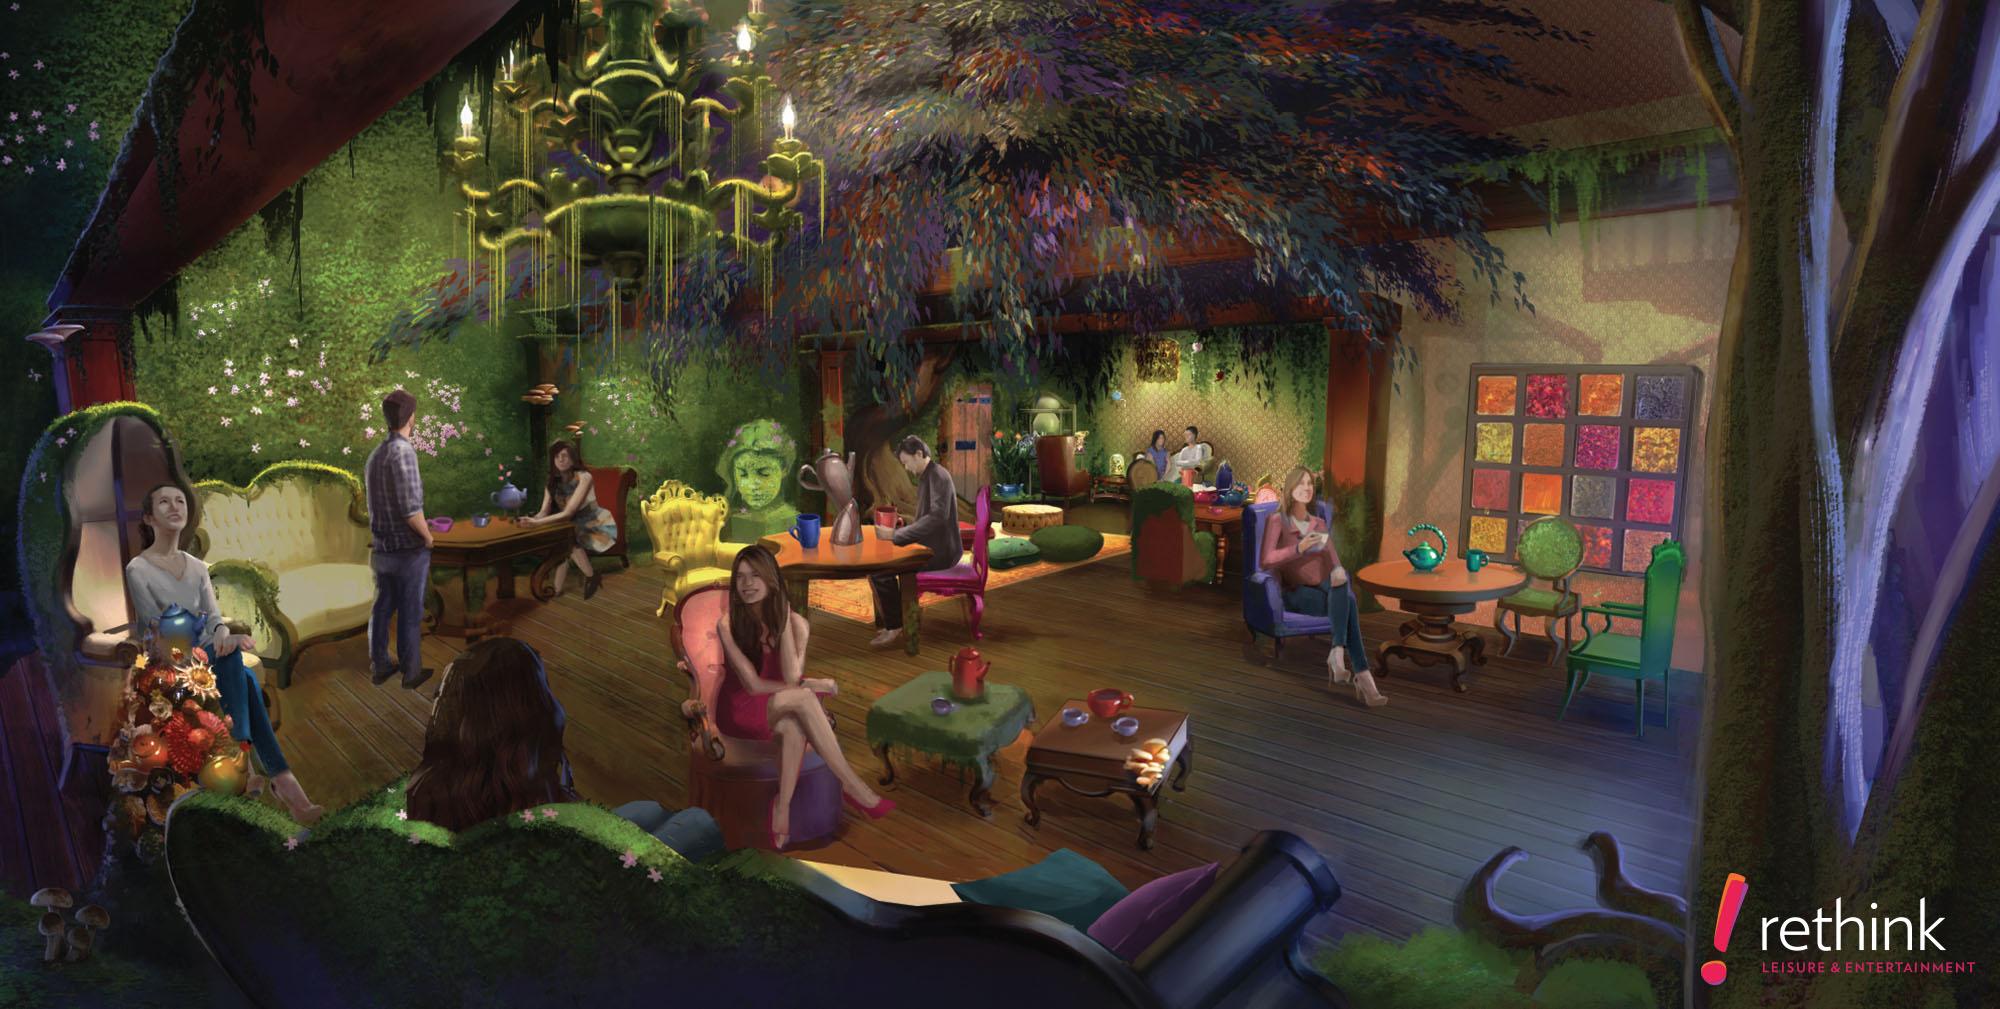 teahouse1.jpg